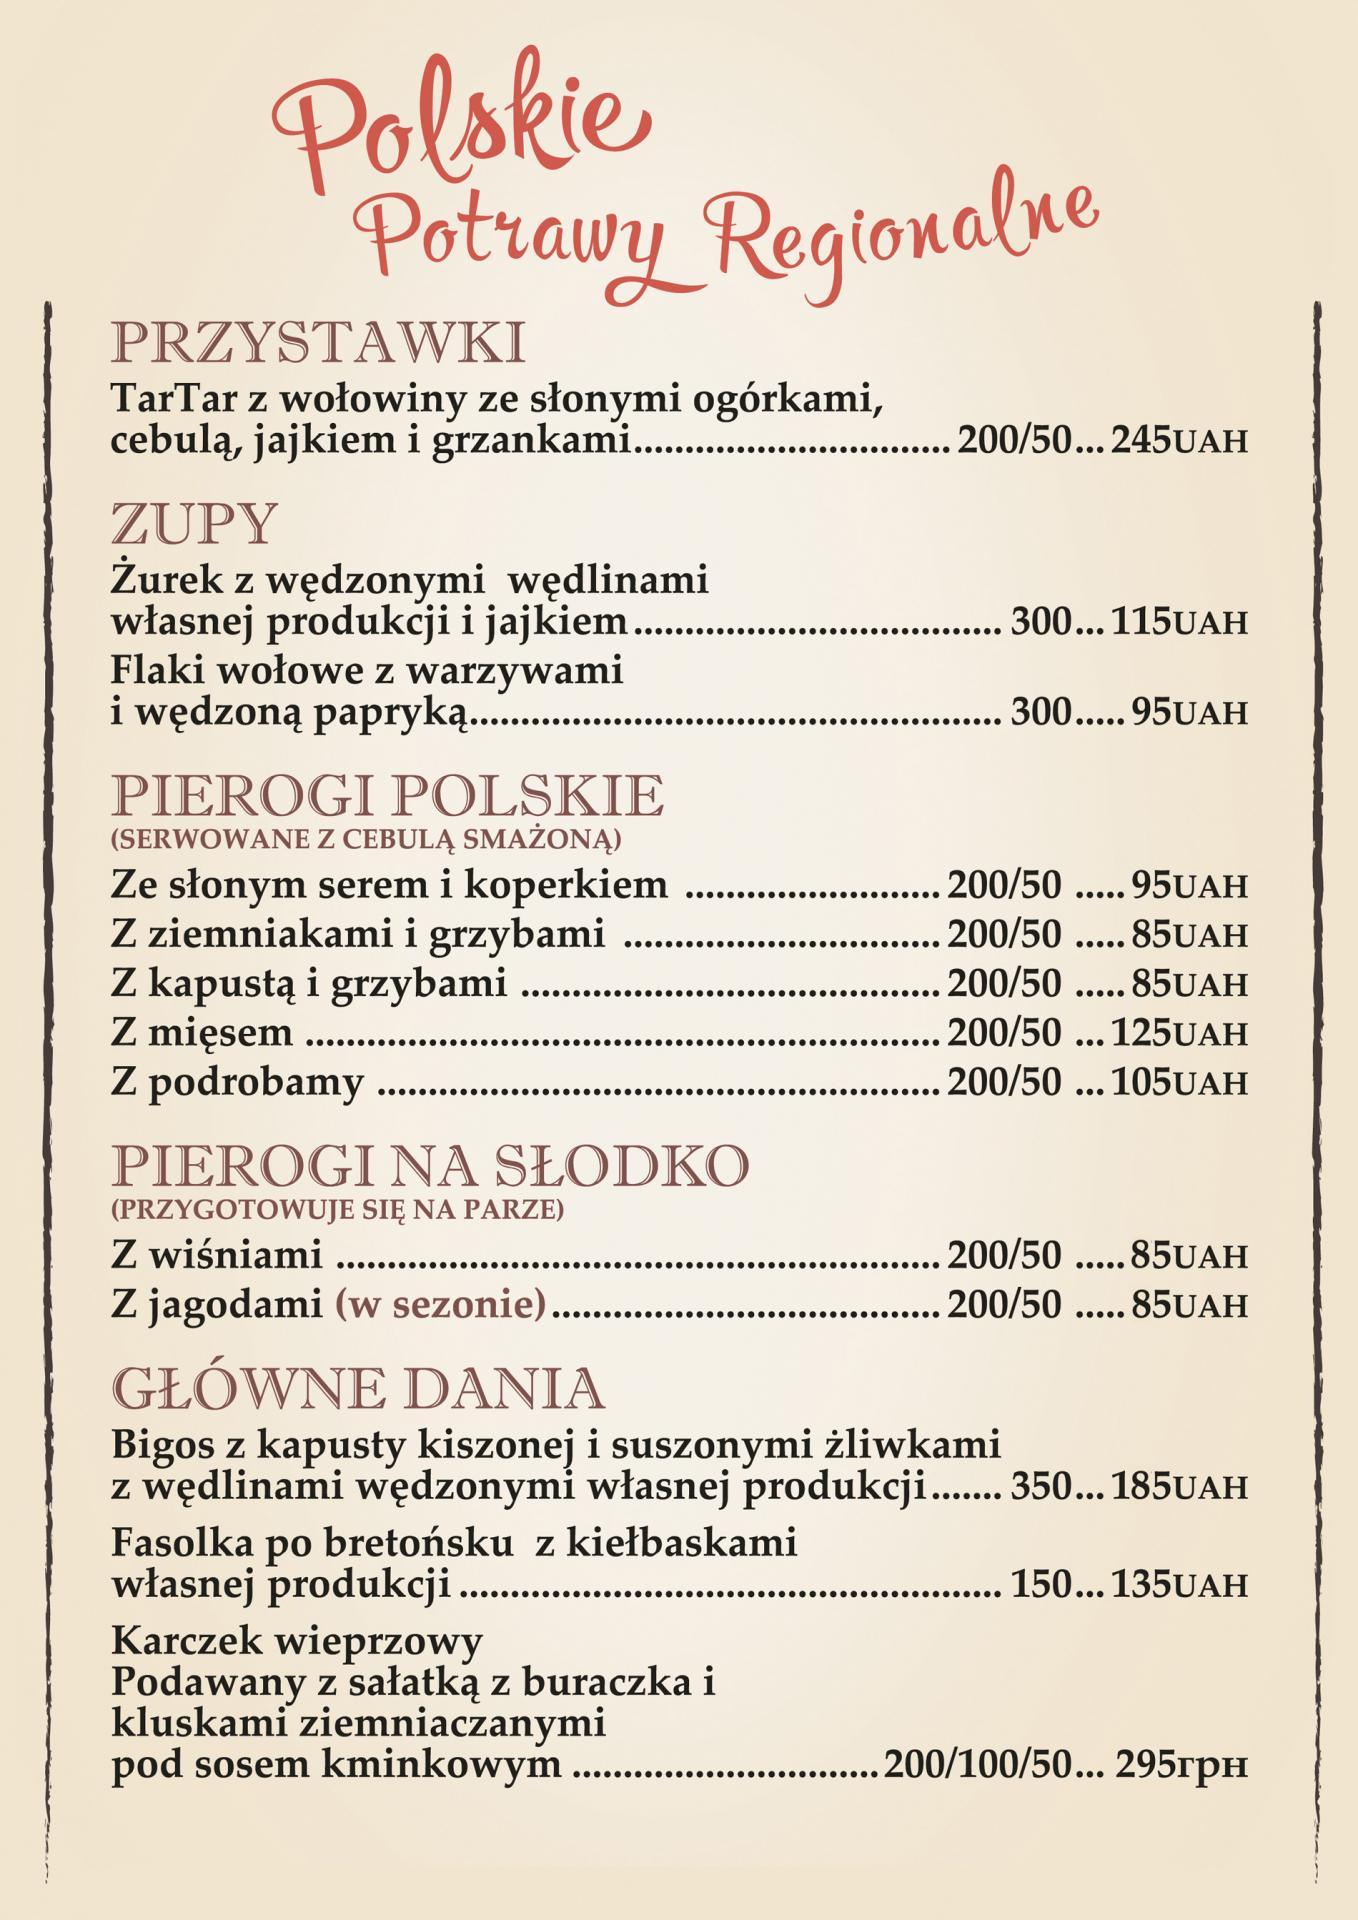 Prawdziwa Polska Kuchnia Restauracja Krakow Pod Kijowem